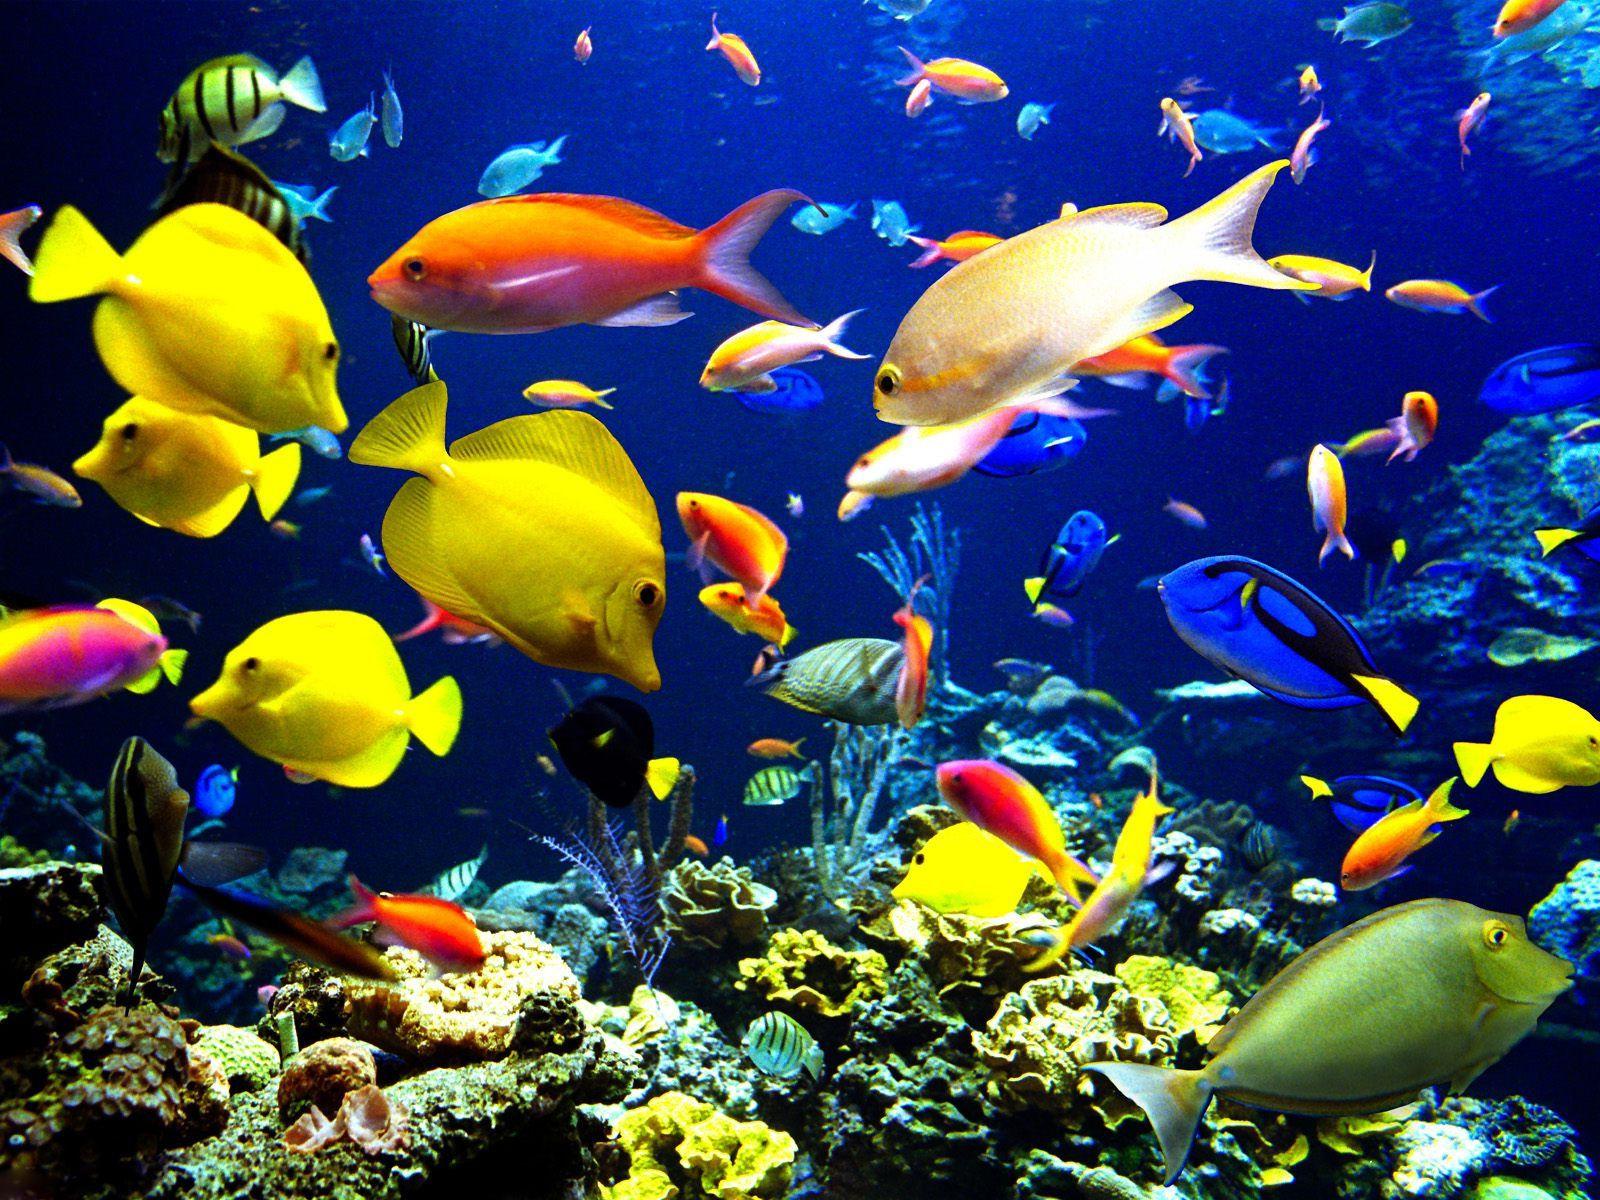 Underwater Fish Underwater Fish Background Fish Wallpaper Fish Background Tropical Fish